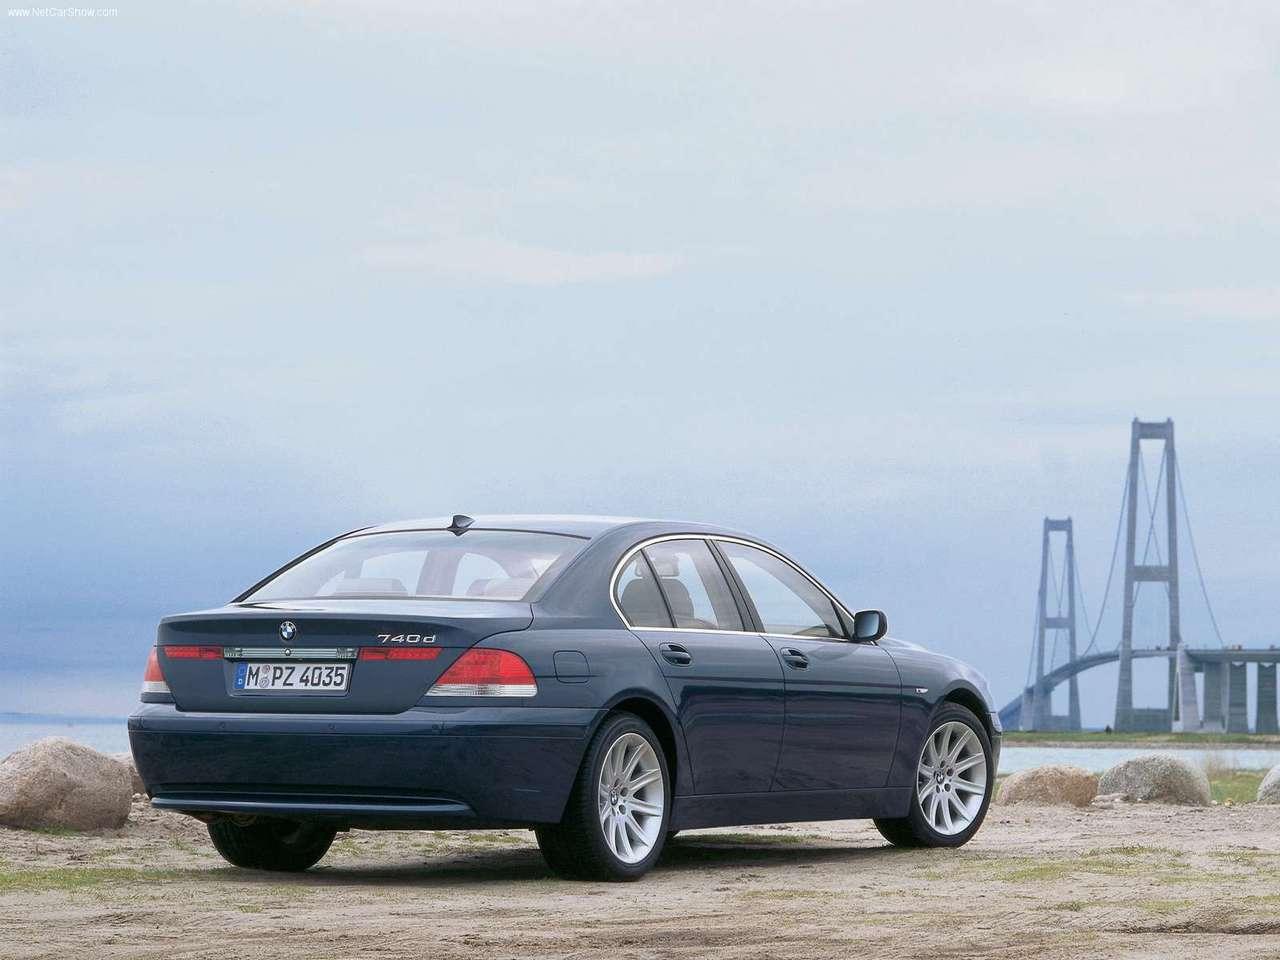 http://1.bp.blogspot.com/_xhqjRo6NERQ/S68ebxGEZrI/AAAAAAAAGZs/MzoPz29Pkwg/s1600/BMW-740d_2002_1280x960_wallpaper_03.jpg